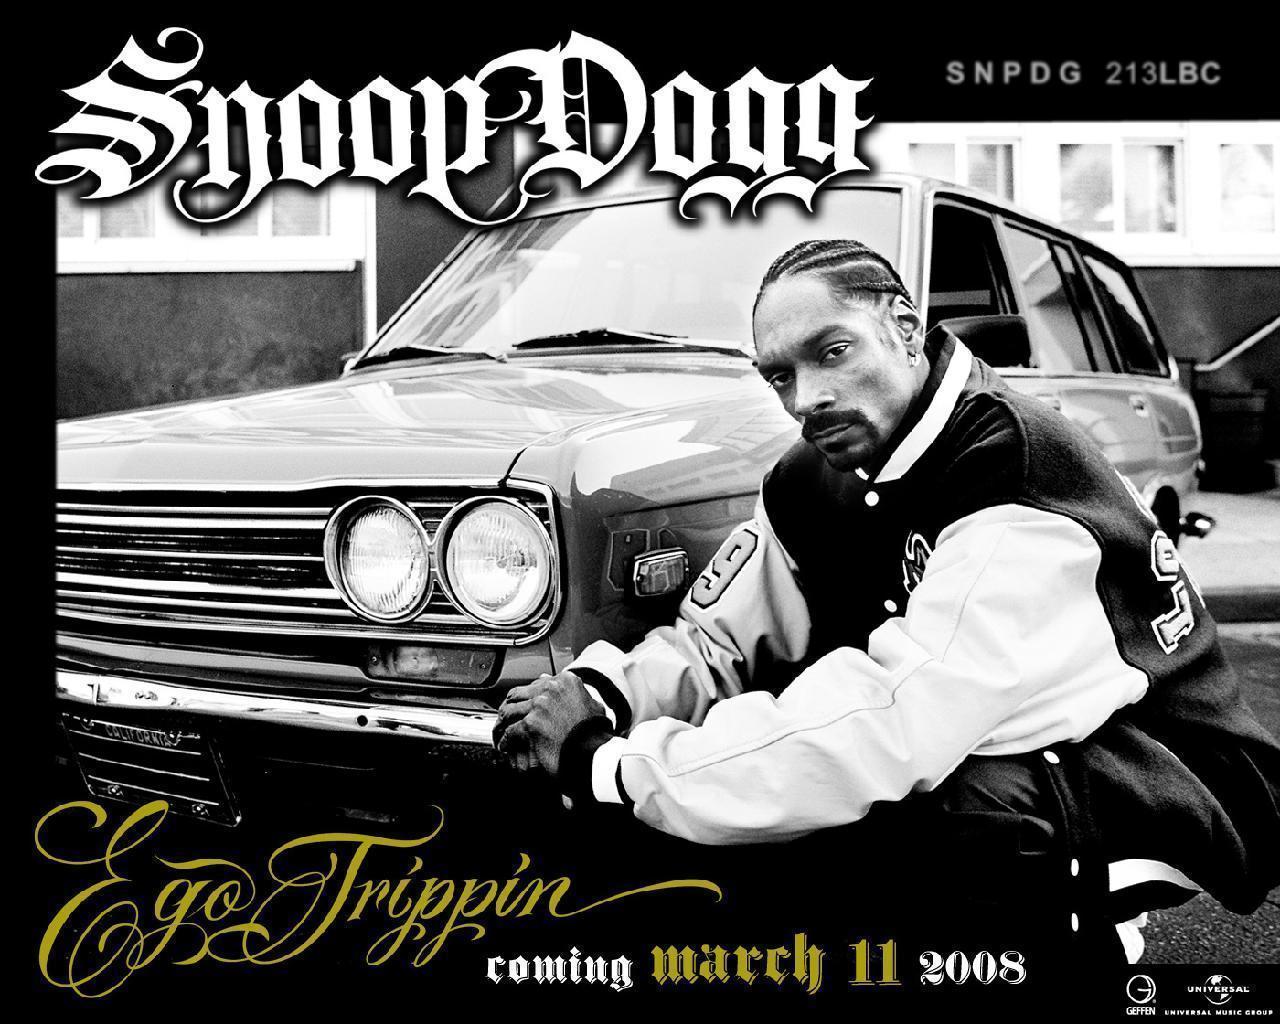 1500x1500 > Thug Life Wallpapers